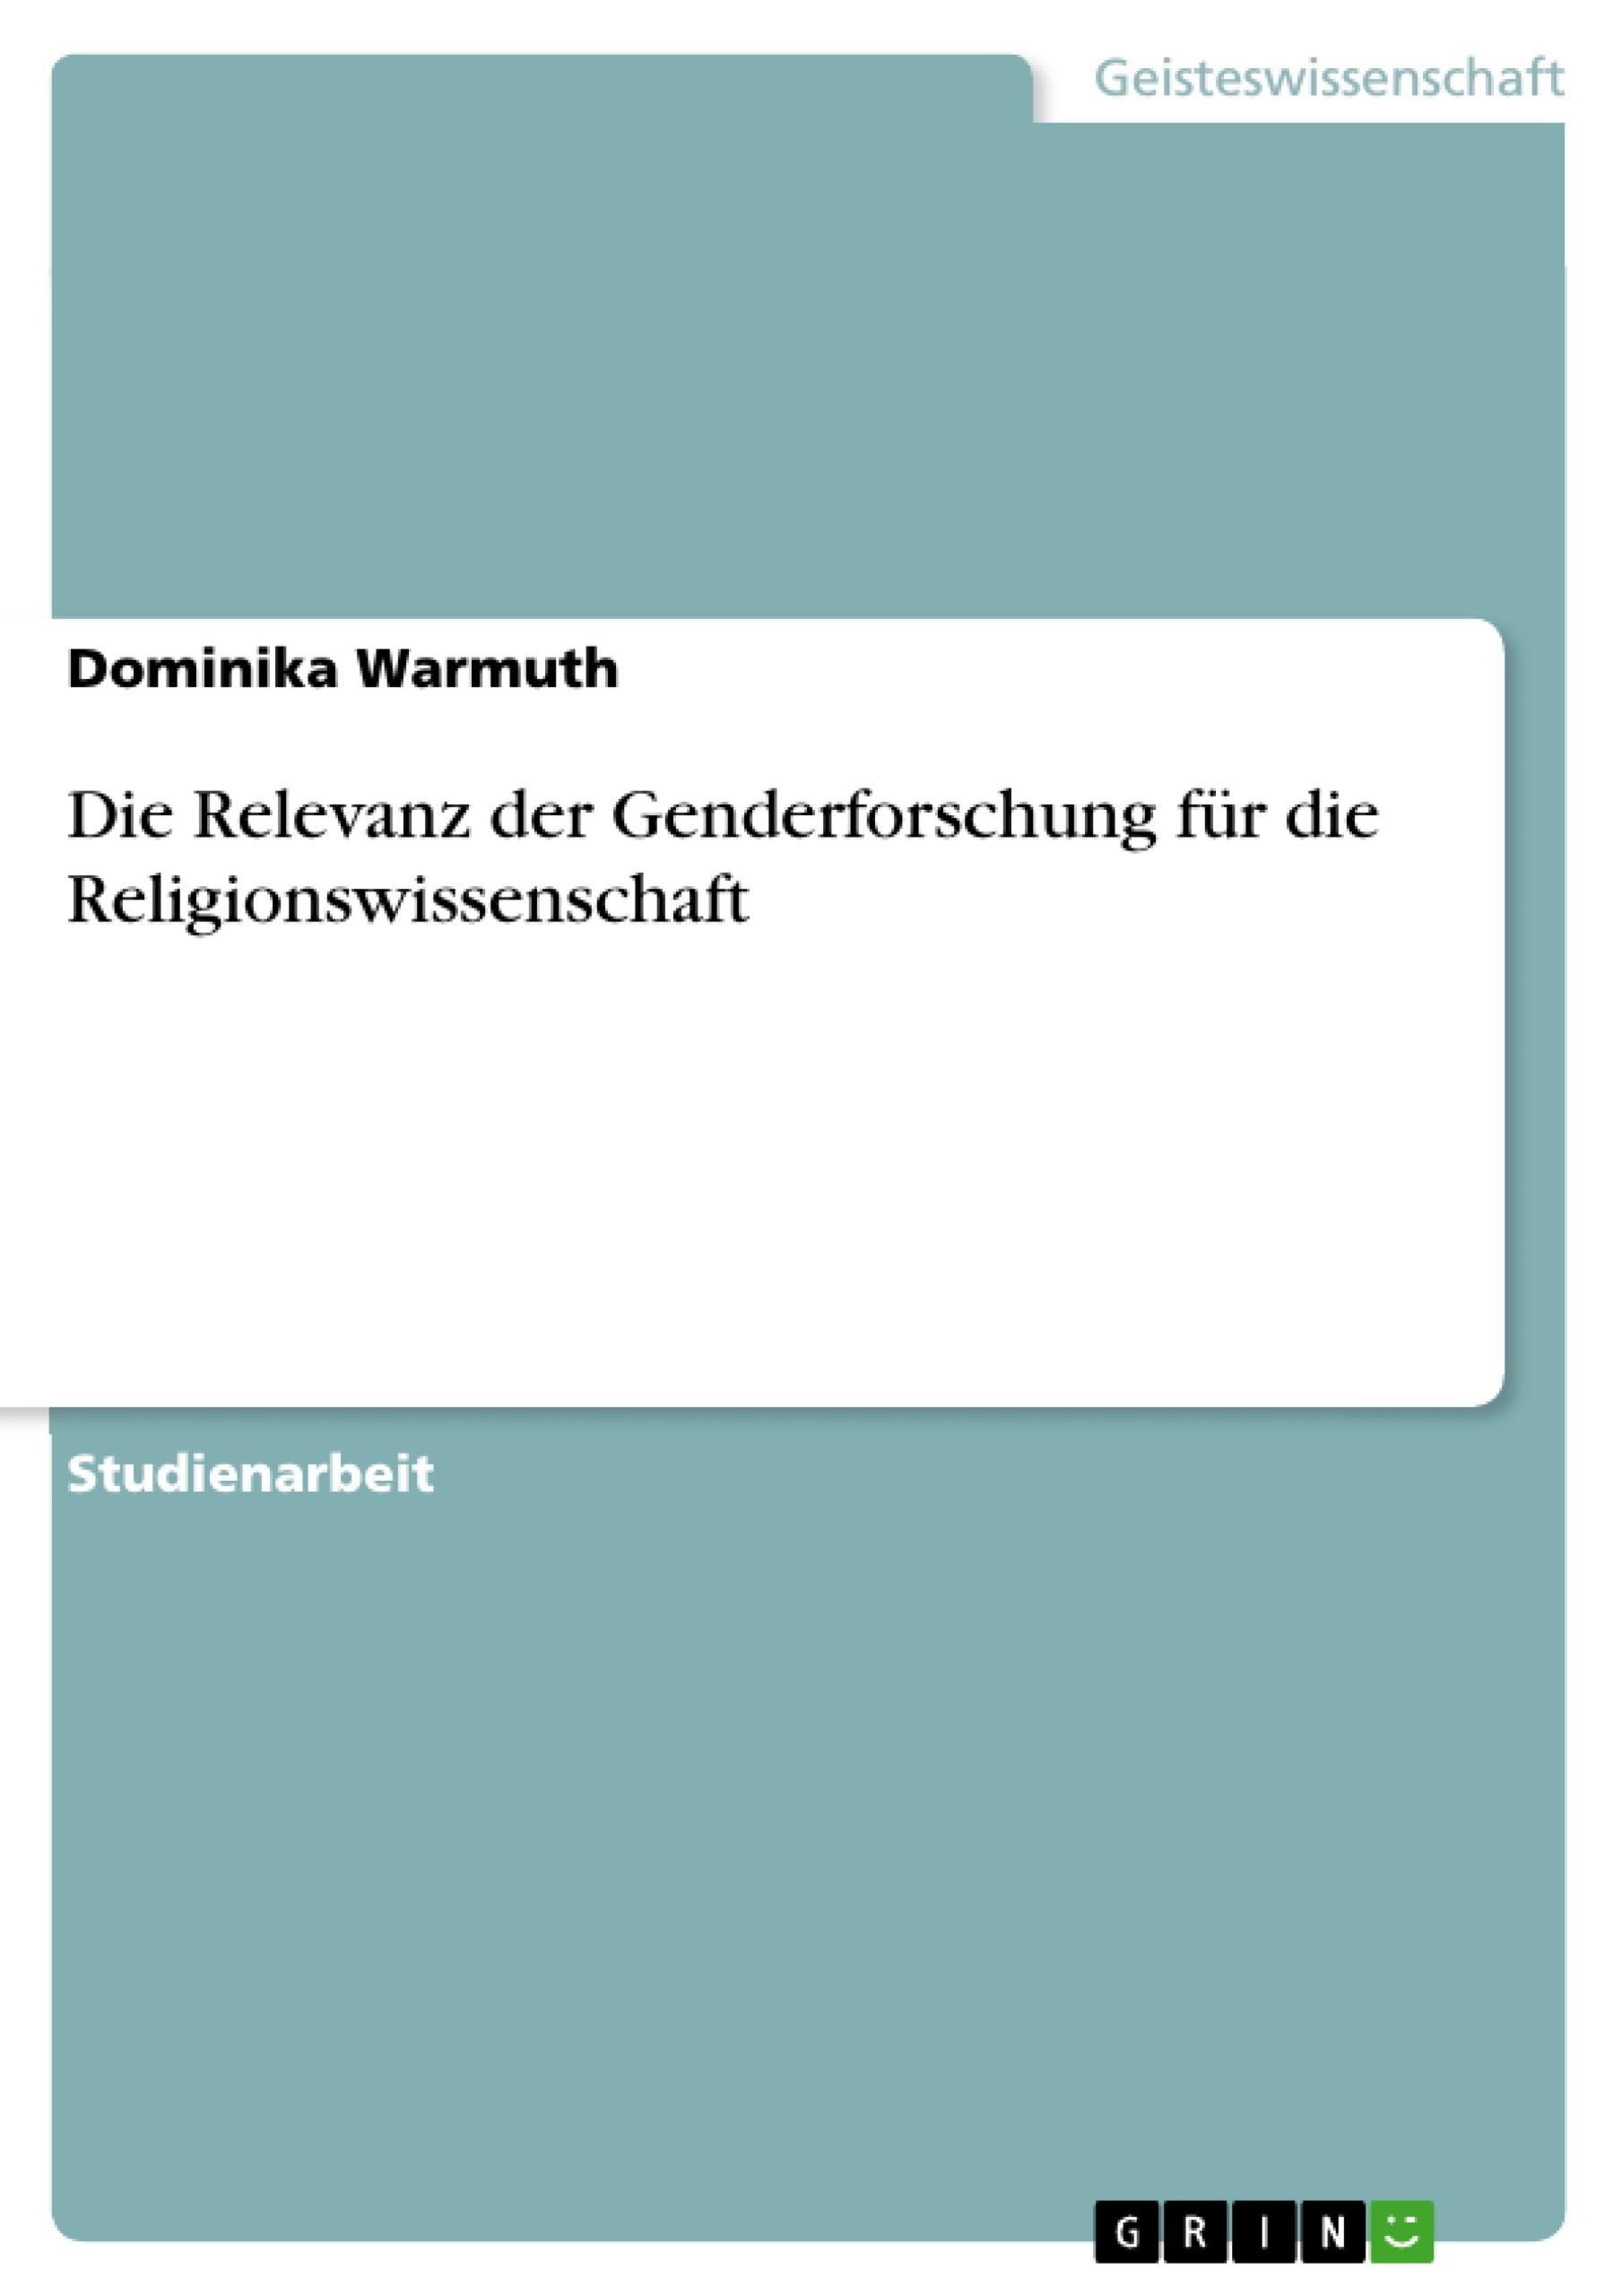 Titel: Die Relevanz der Genderforschung für die Religionswissenschaft